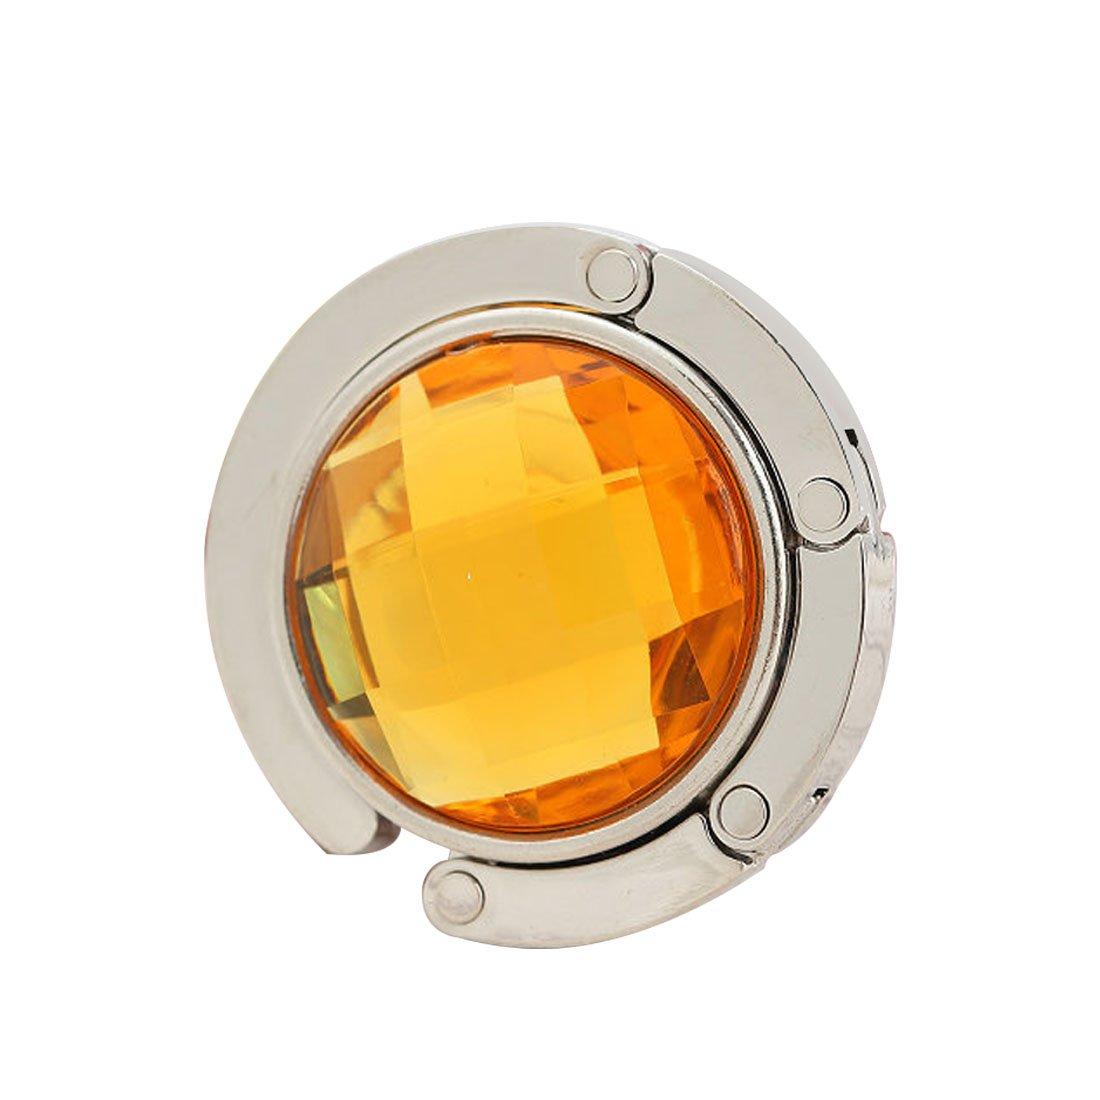 joyliveCY Plegable de diamantes bolso de mano bolso gancho percha soporte amarillo Amarillo CY-Buity